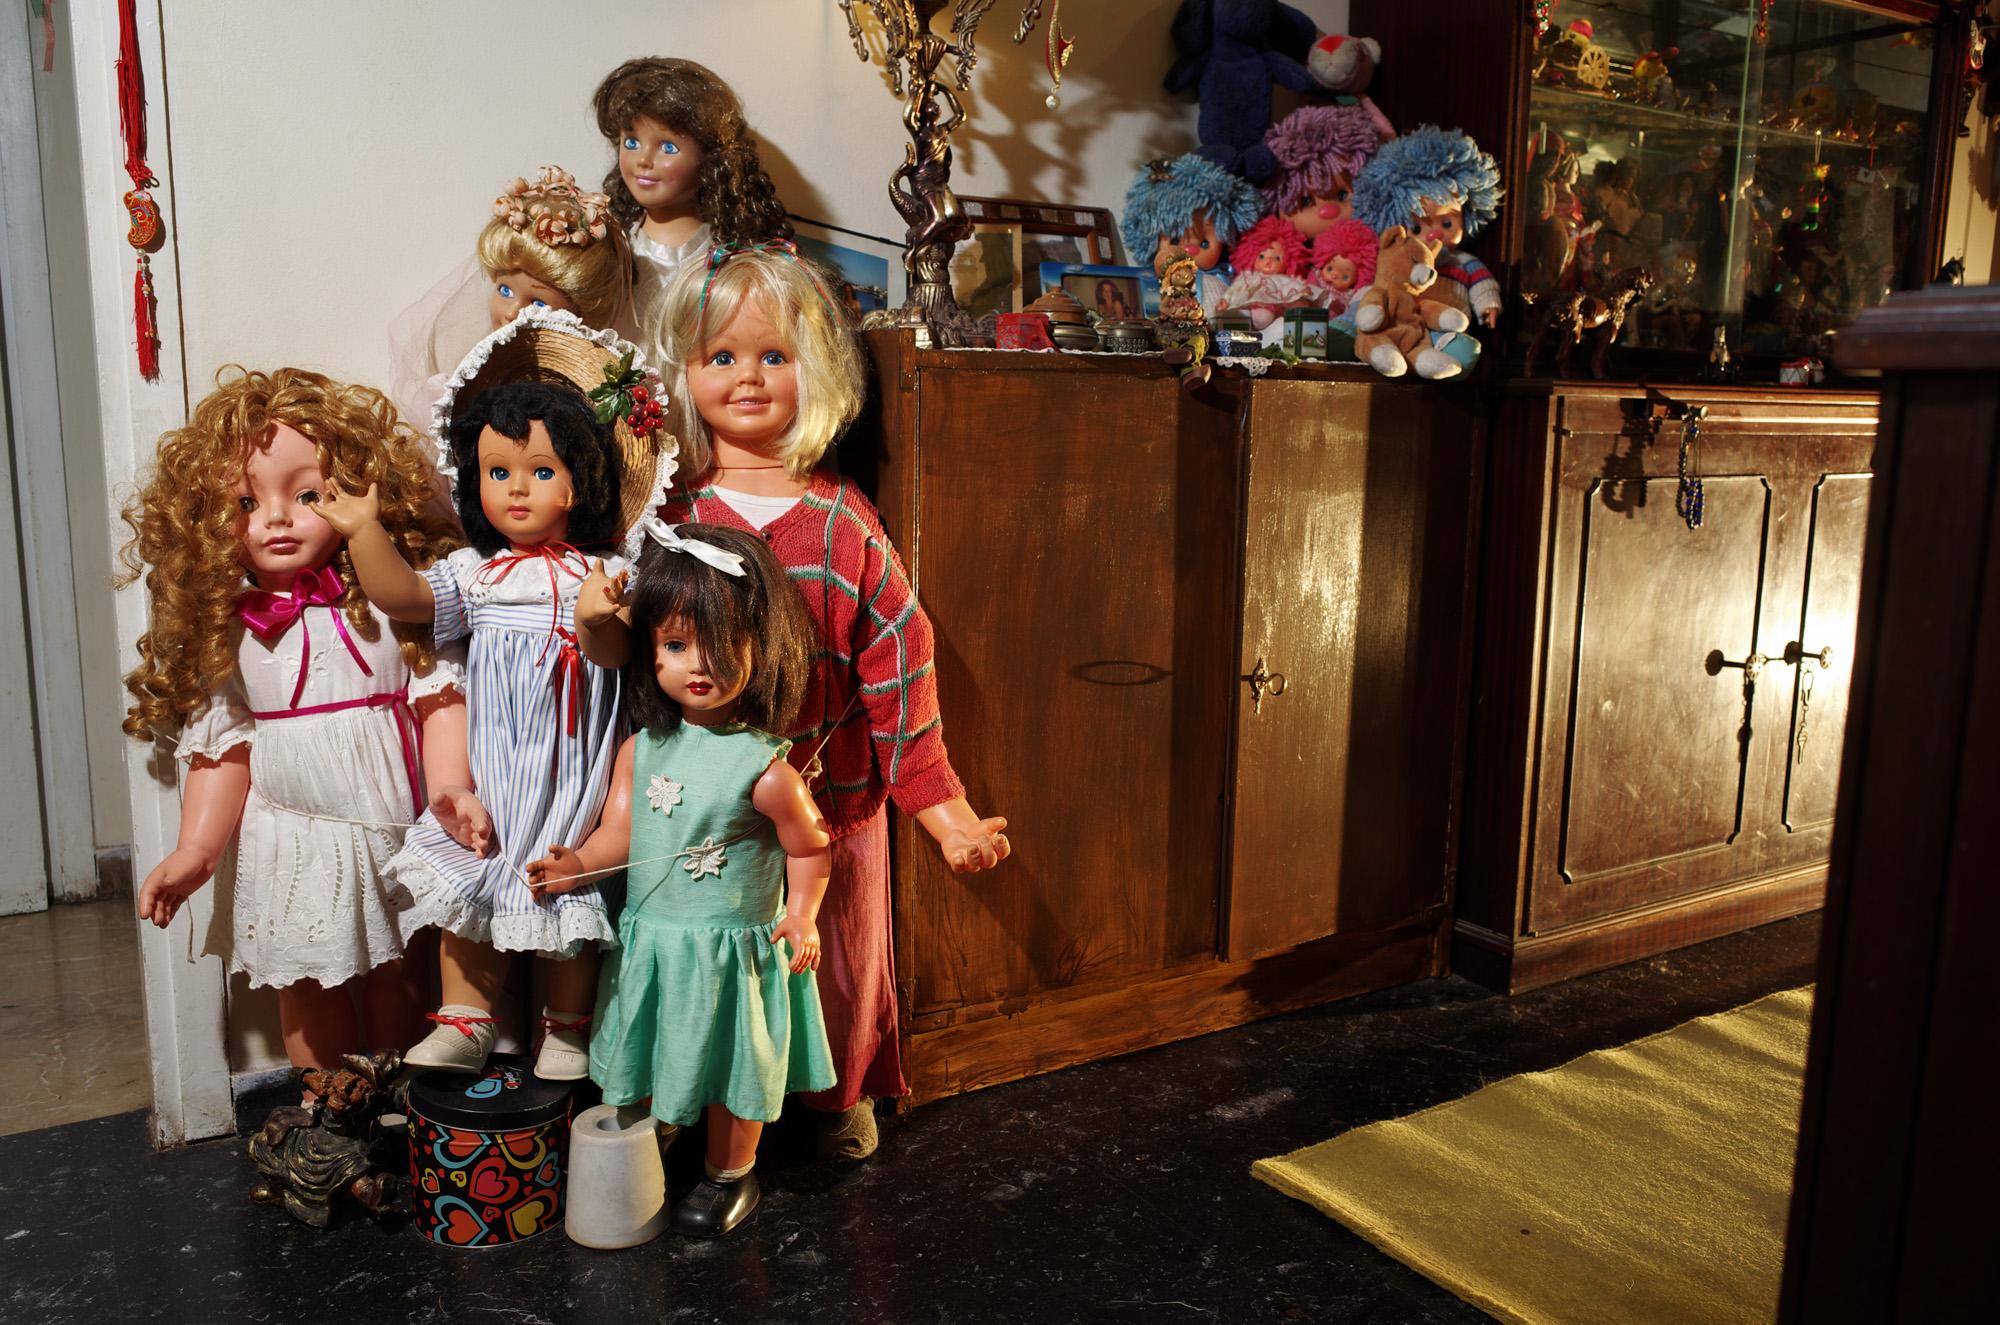 Στο Παγκράτι Λειτουργεί Ένα Ιατρείο για Κούκλες - Κυριολεκτικά - VICE 76f43f7be92